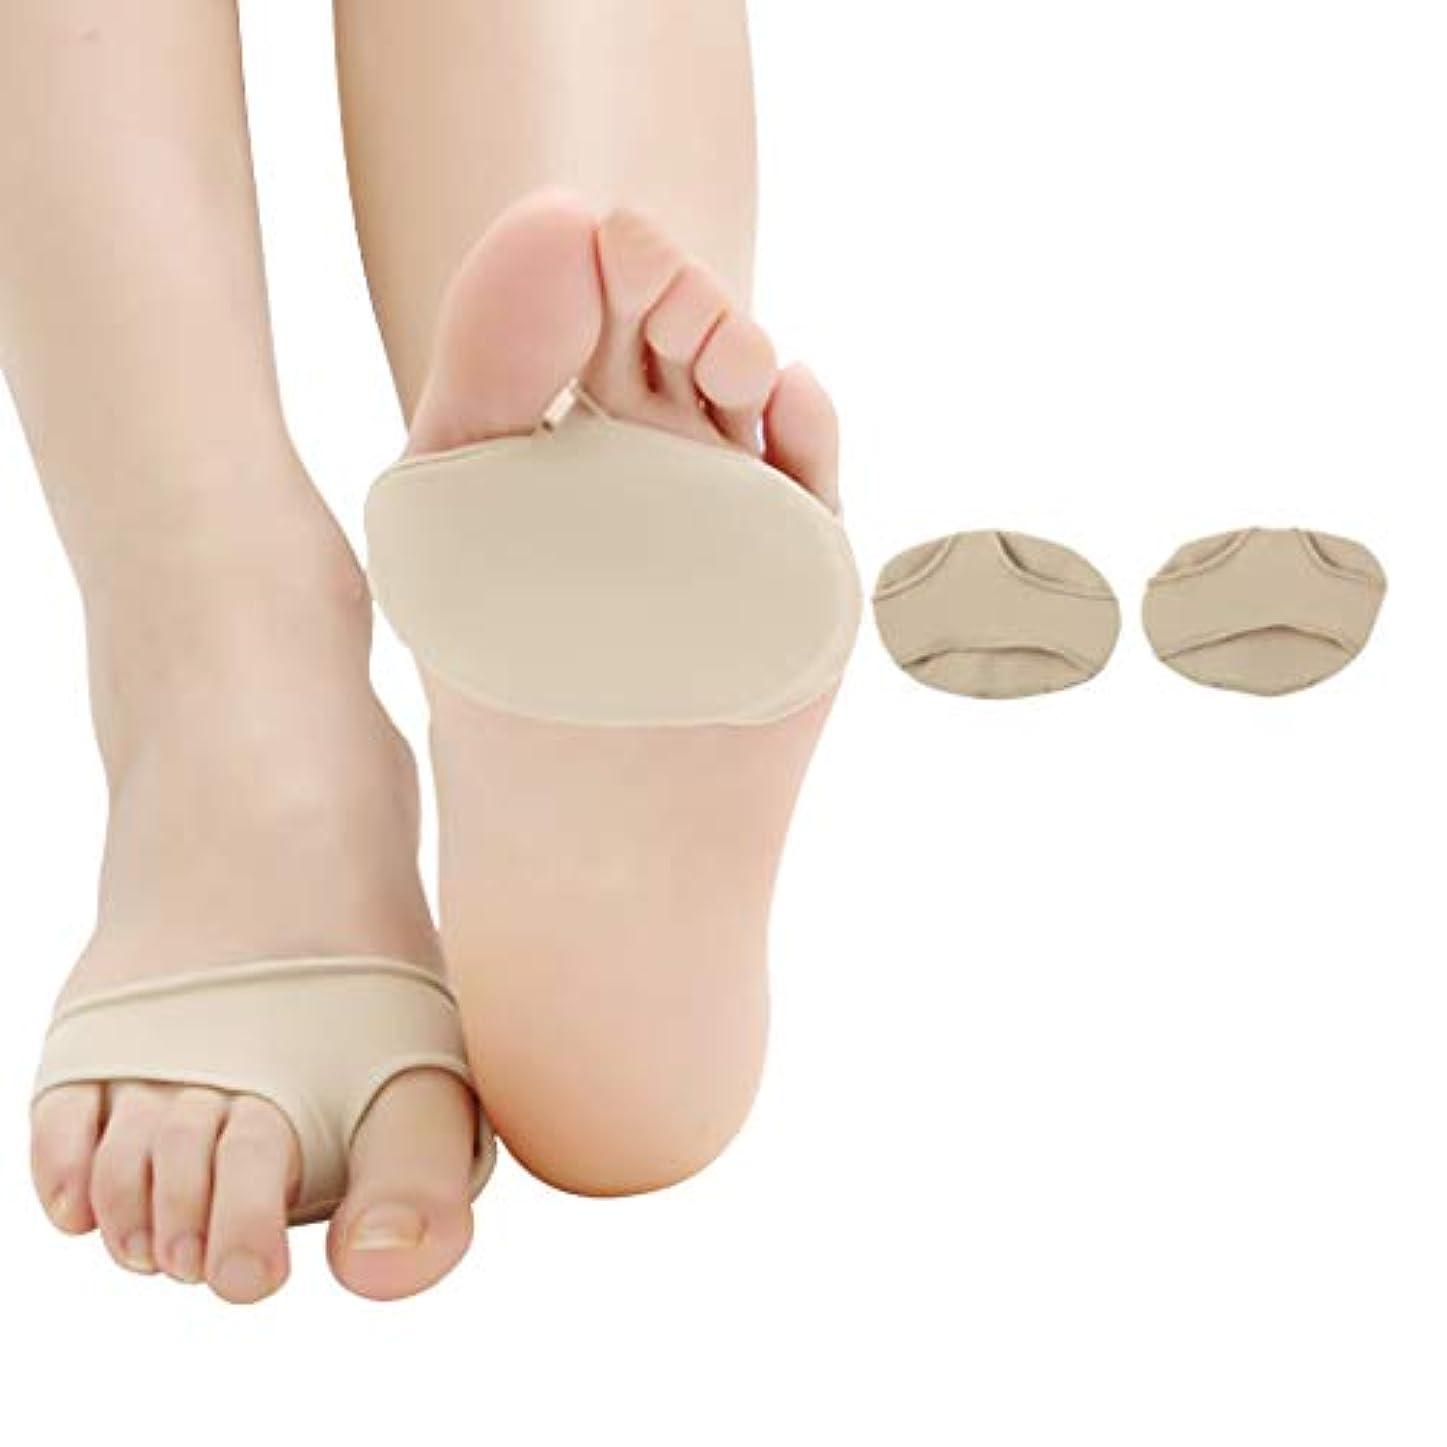 報復する妨げる深さ女性のためのアーチサポート、前足パッドの夏の汗吸収性の アンチペインスリップ防止、ハイヒールに適して,Flesh,L